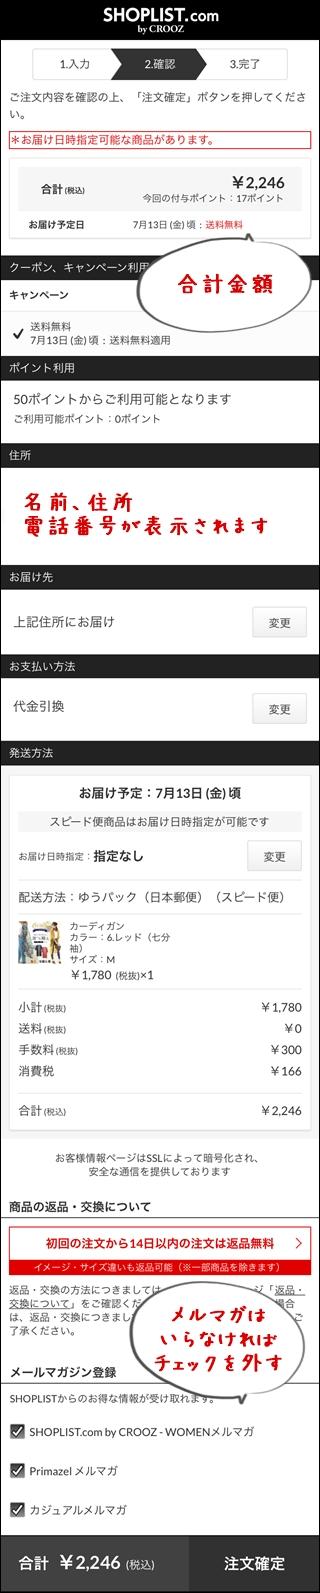 注文内容の確認画面